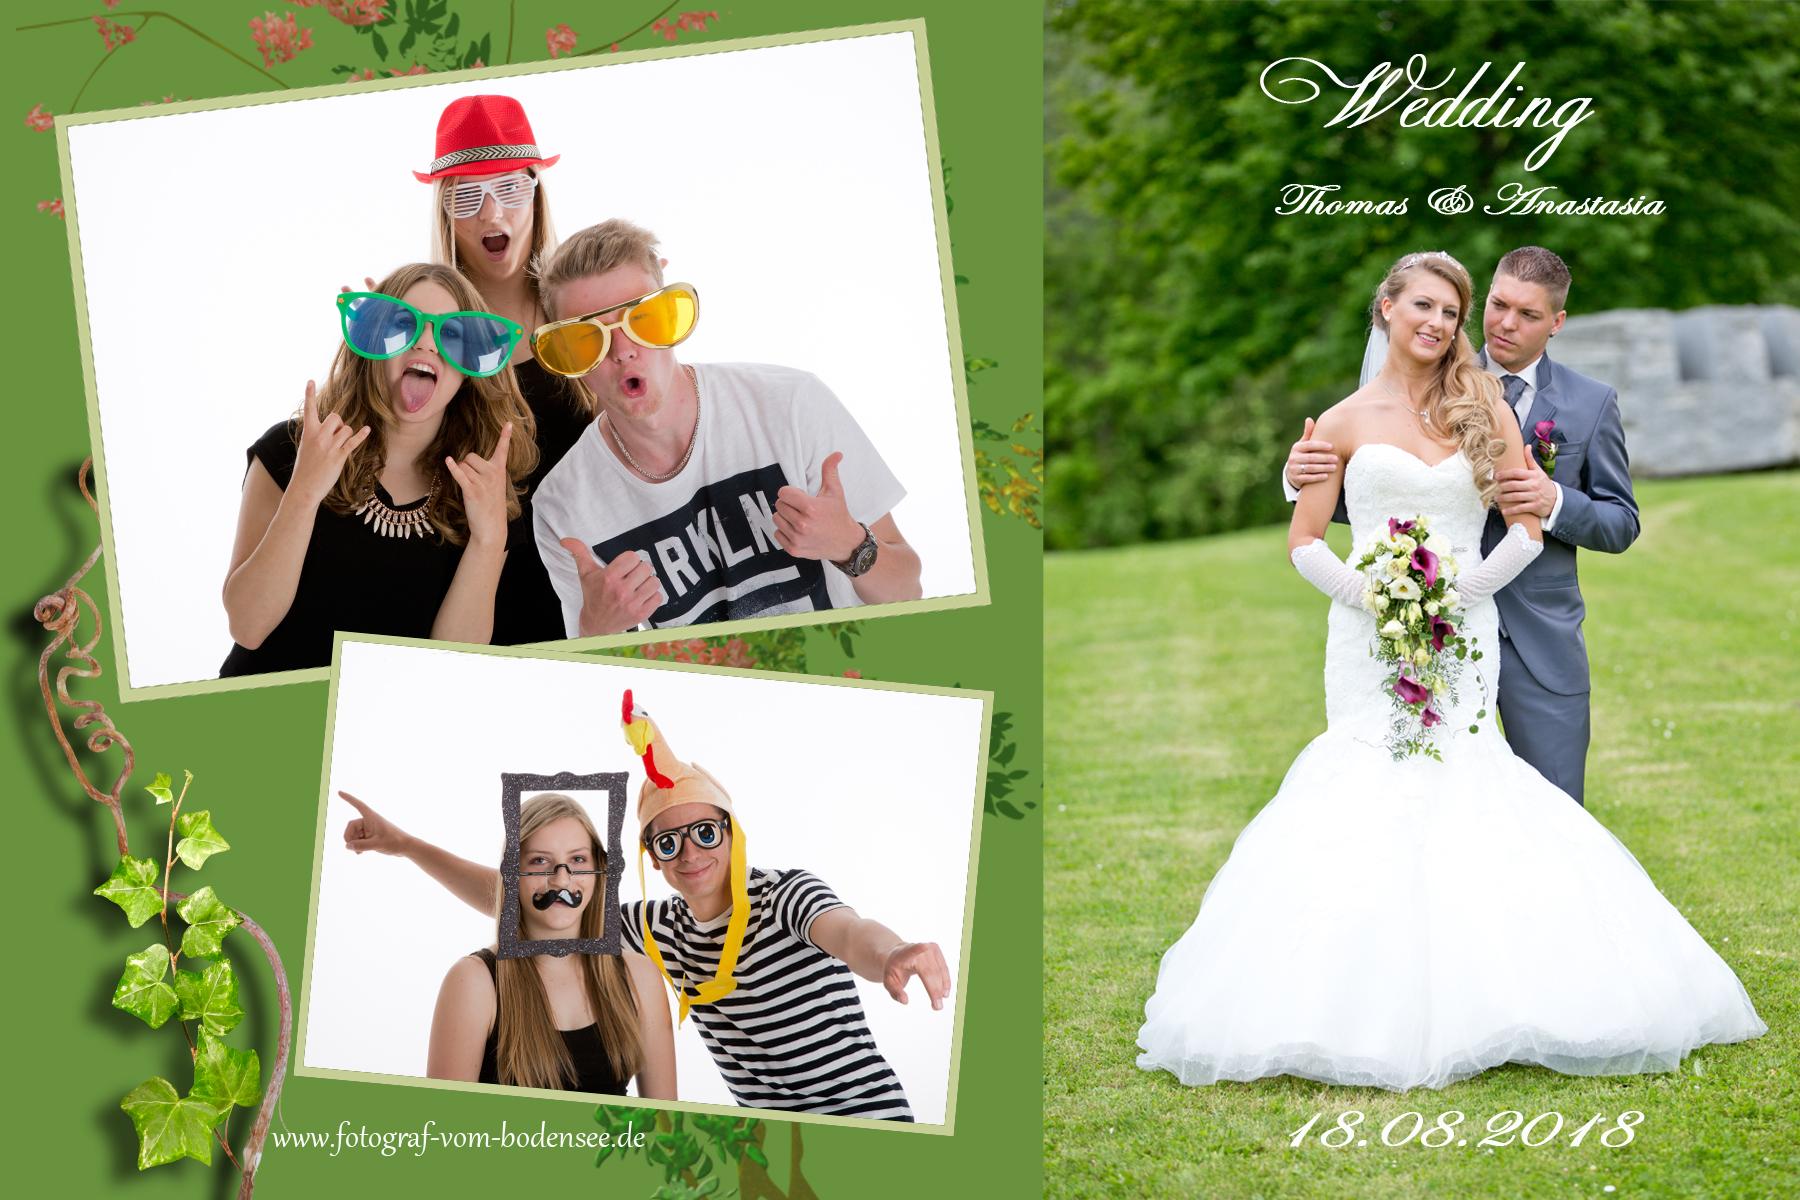 Fotobox mieten All inkl. 299€ ganzes Wochenende!